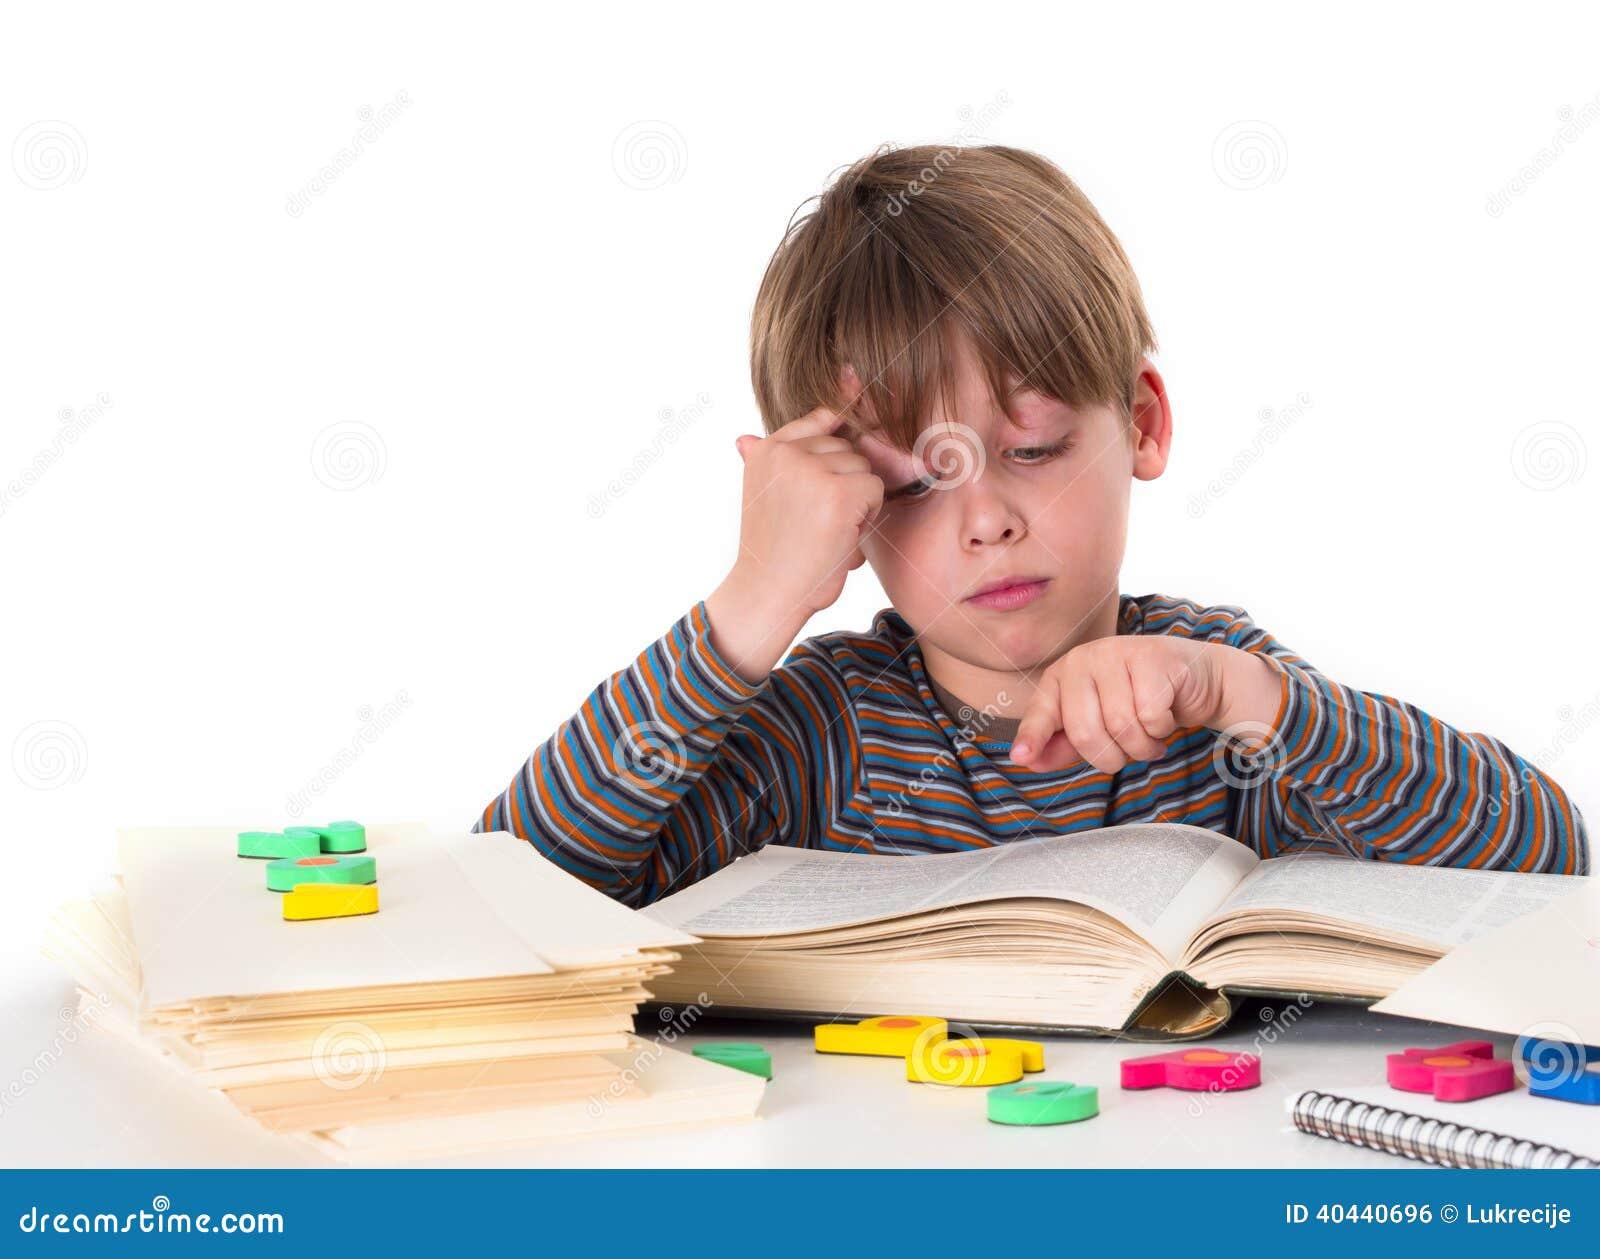 hardworking boy stock photo image 40440696